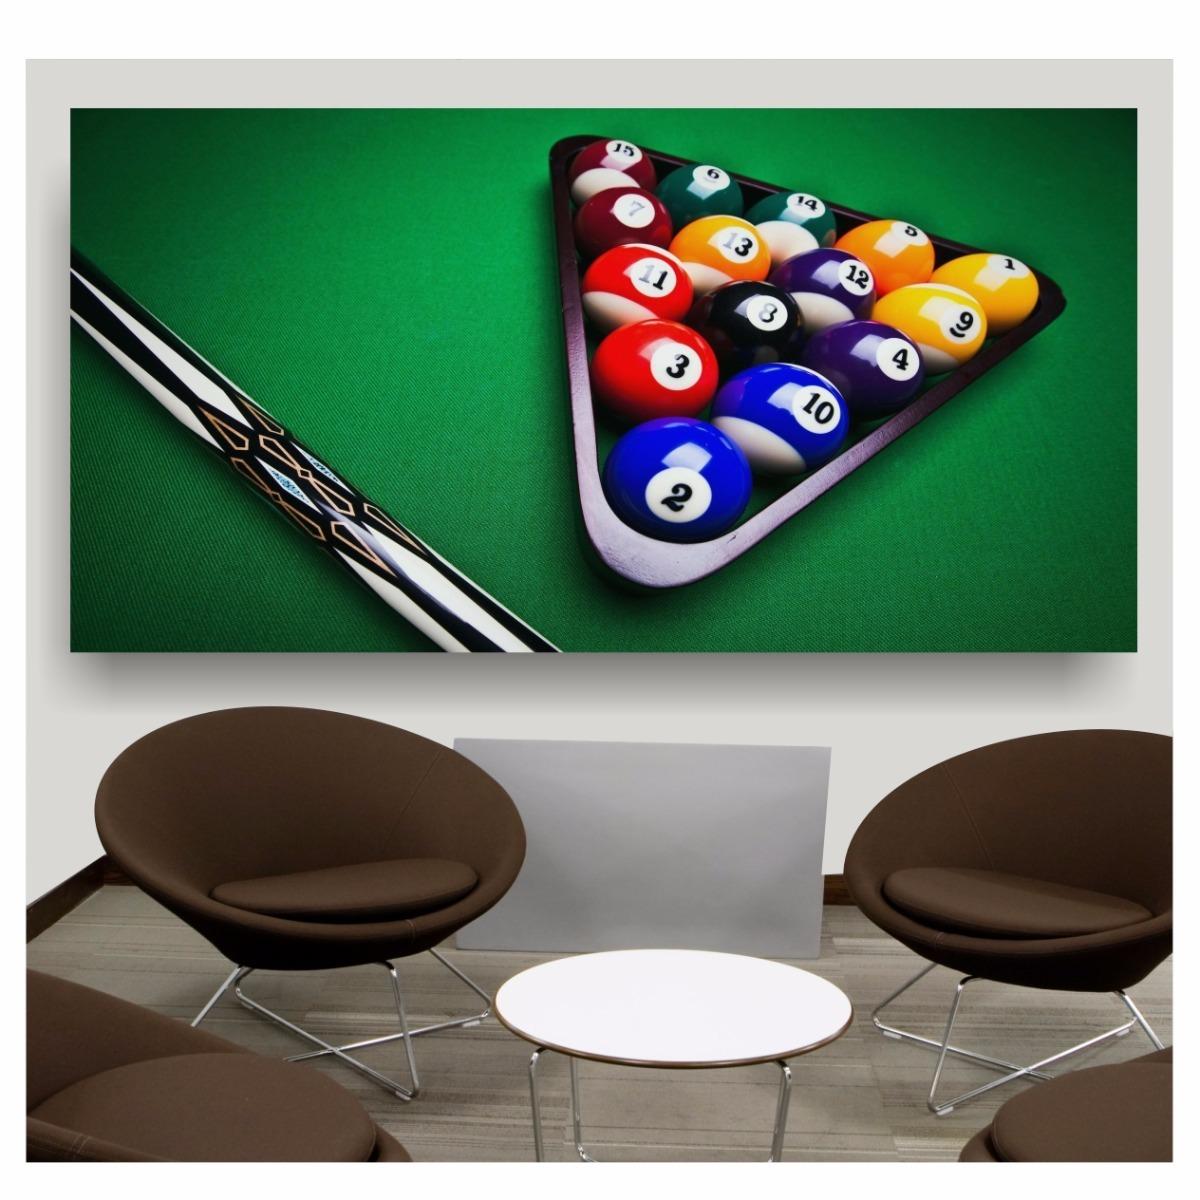 adesivo decoração bola bilhar sala de jogos 2x1m sinuca s71. Carregando  zoom. 2f3112a2f7881